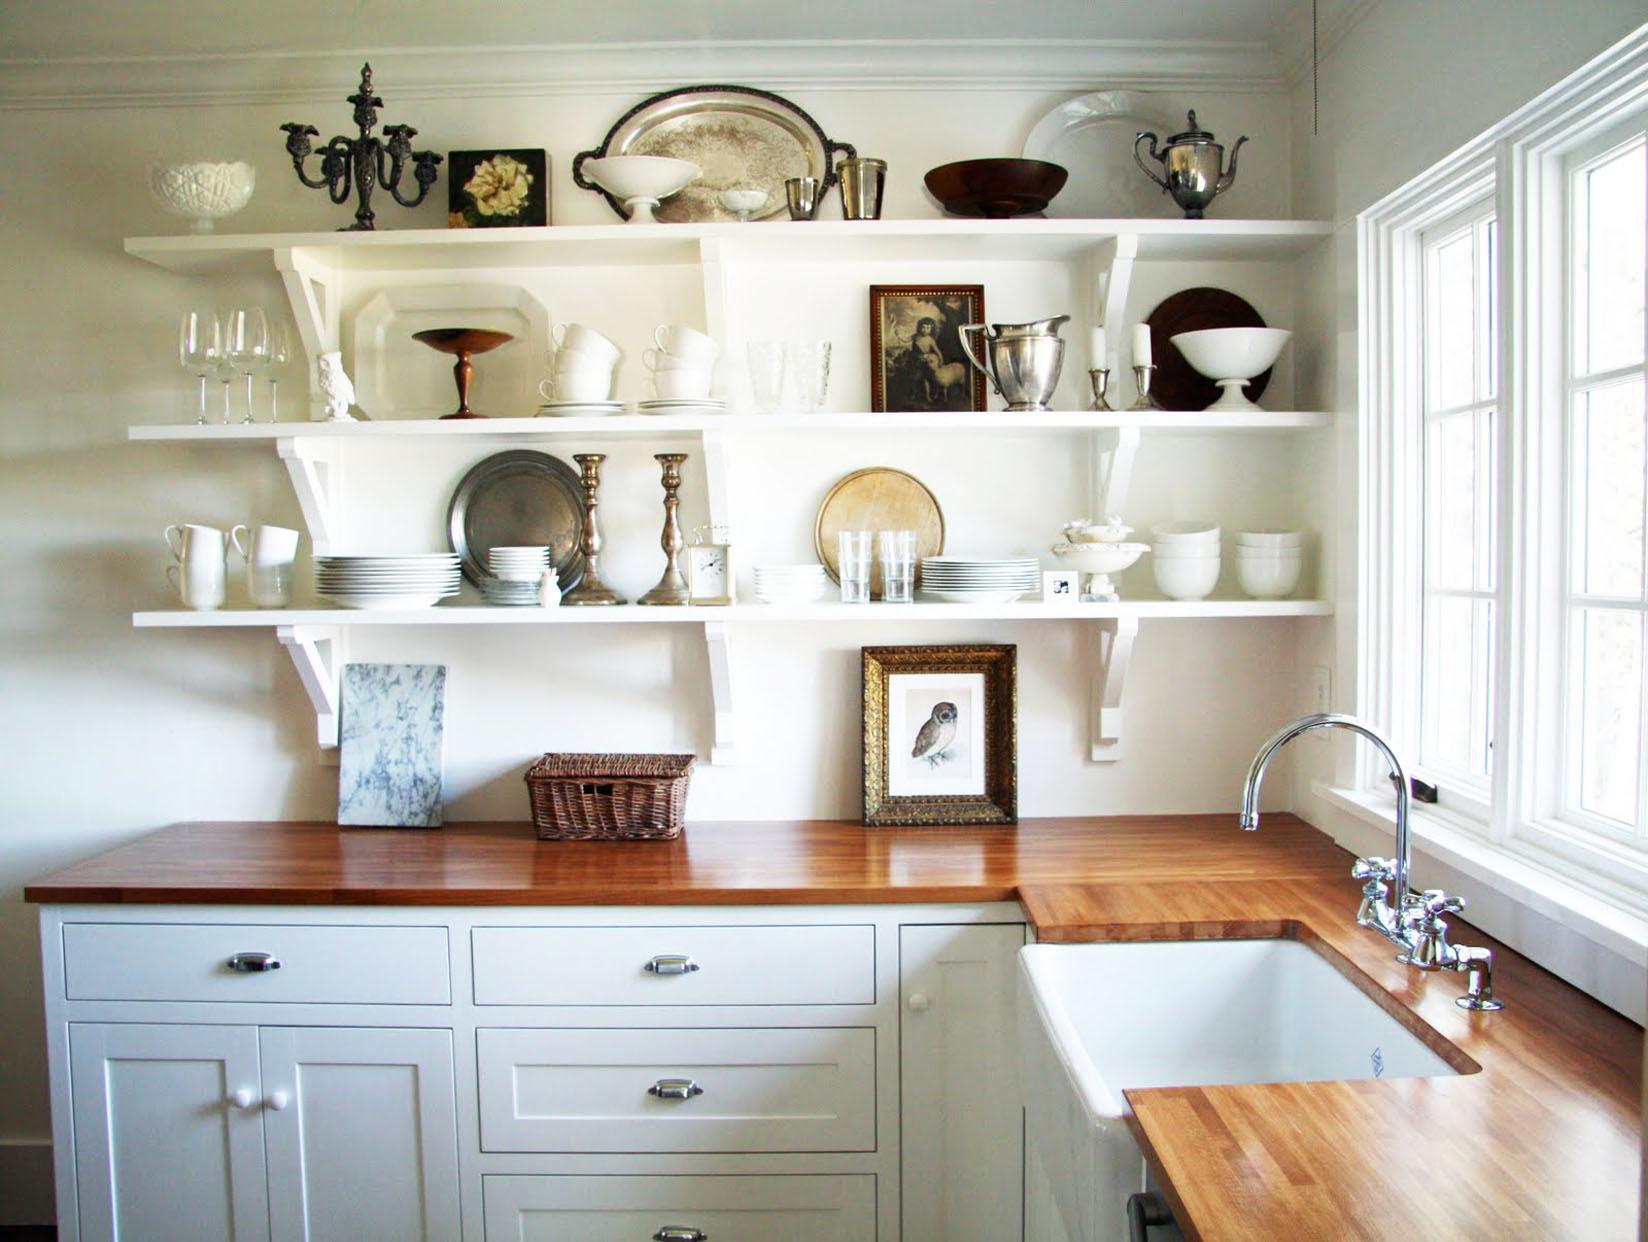 привыкли кухни с полками вместо навесных шкафов фото спинного мозга отходят